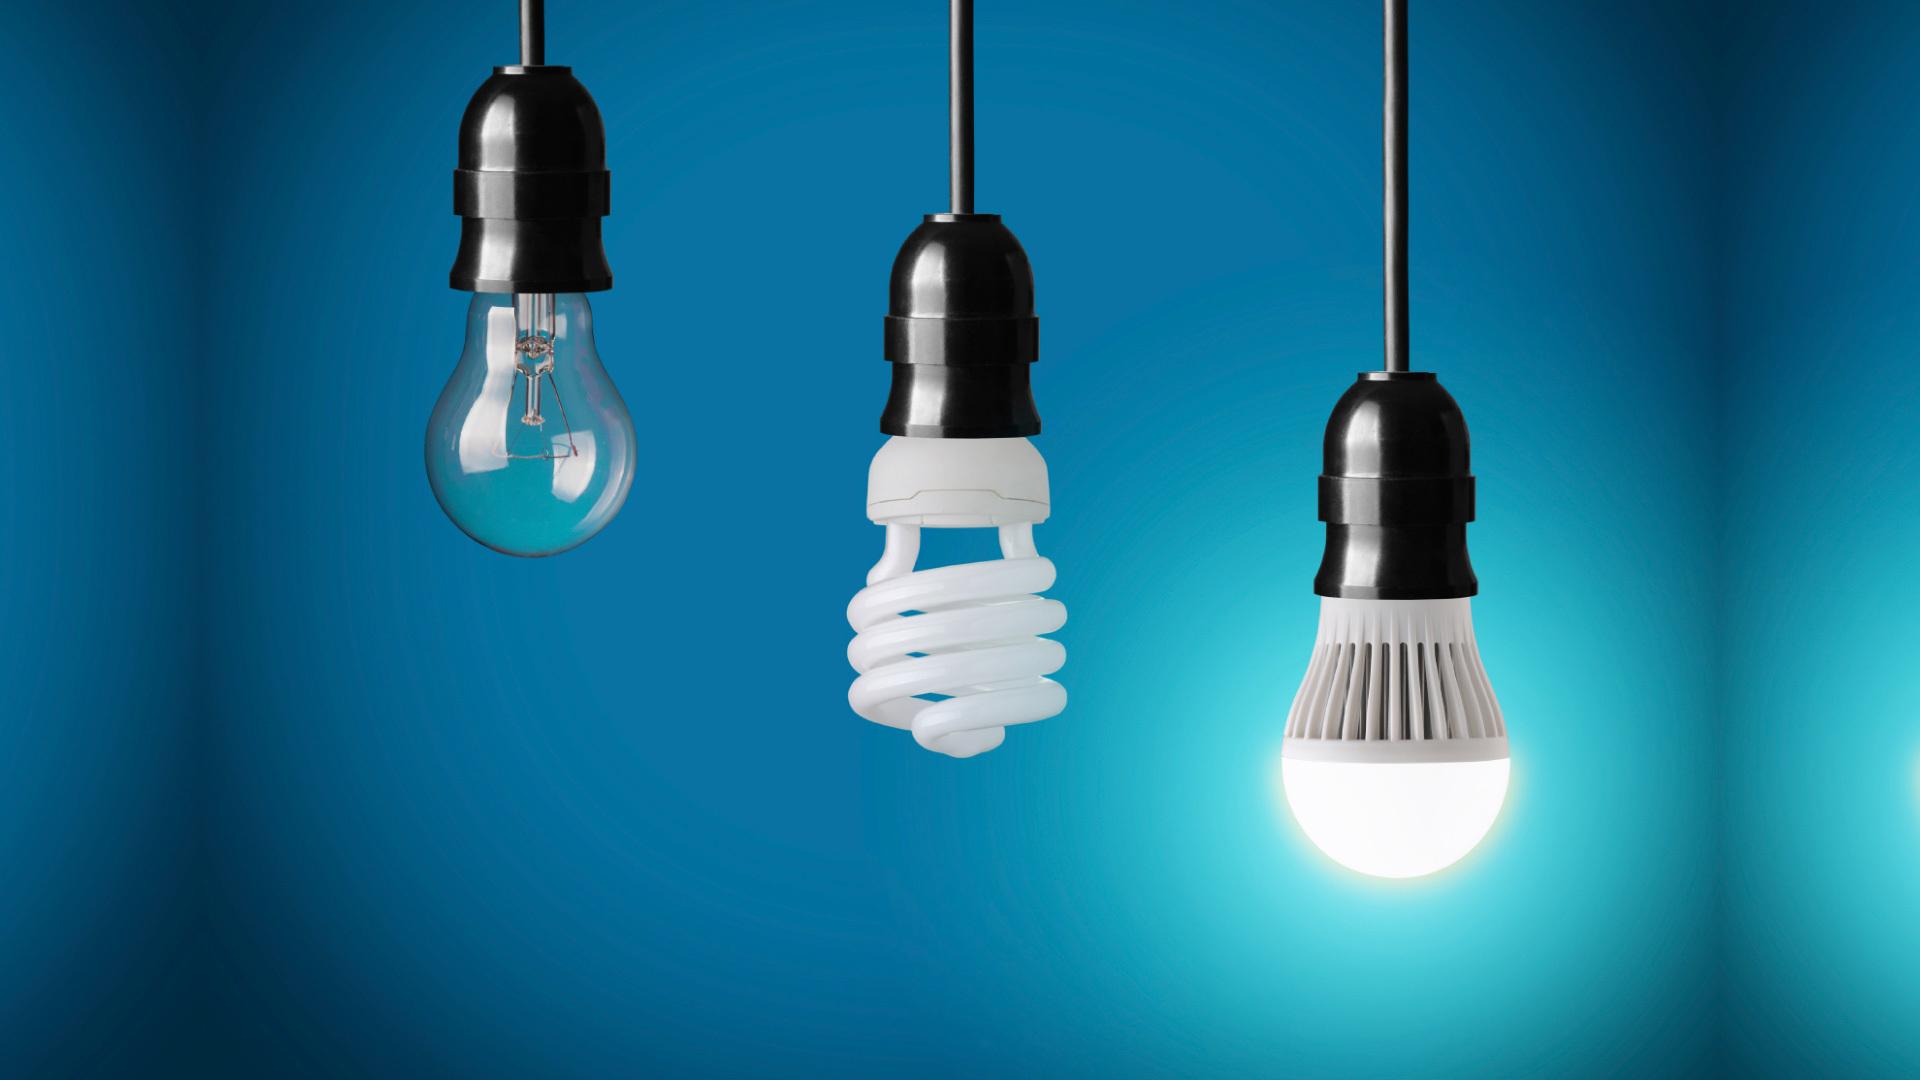 Addio lampadine alogene: dal 1°settembre ci saranno solo i led